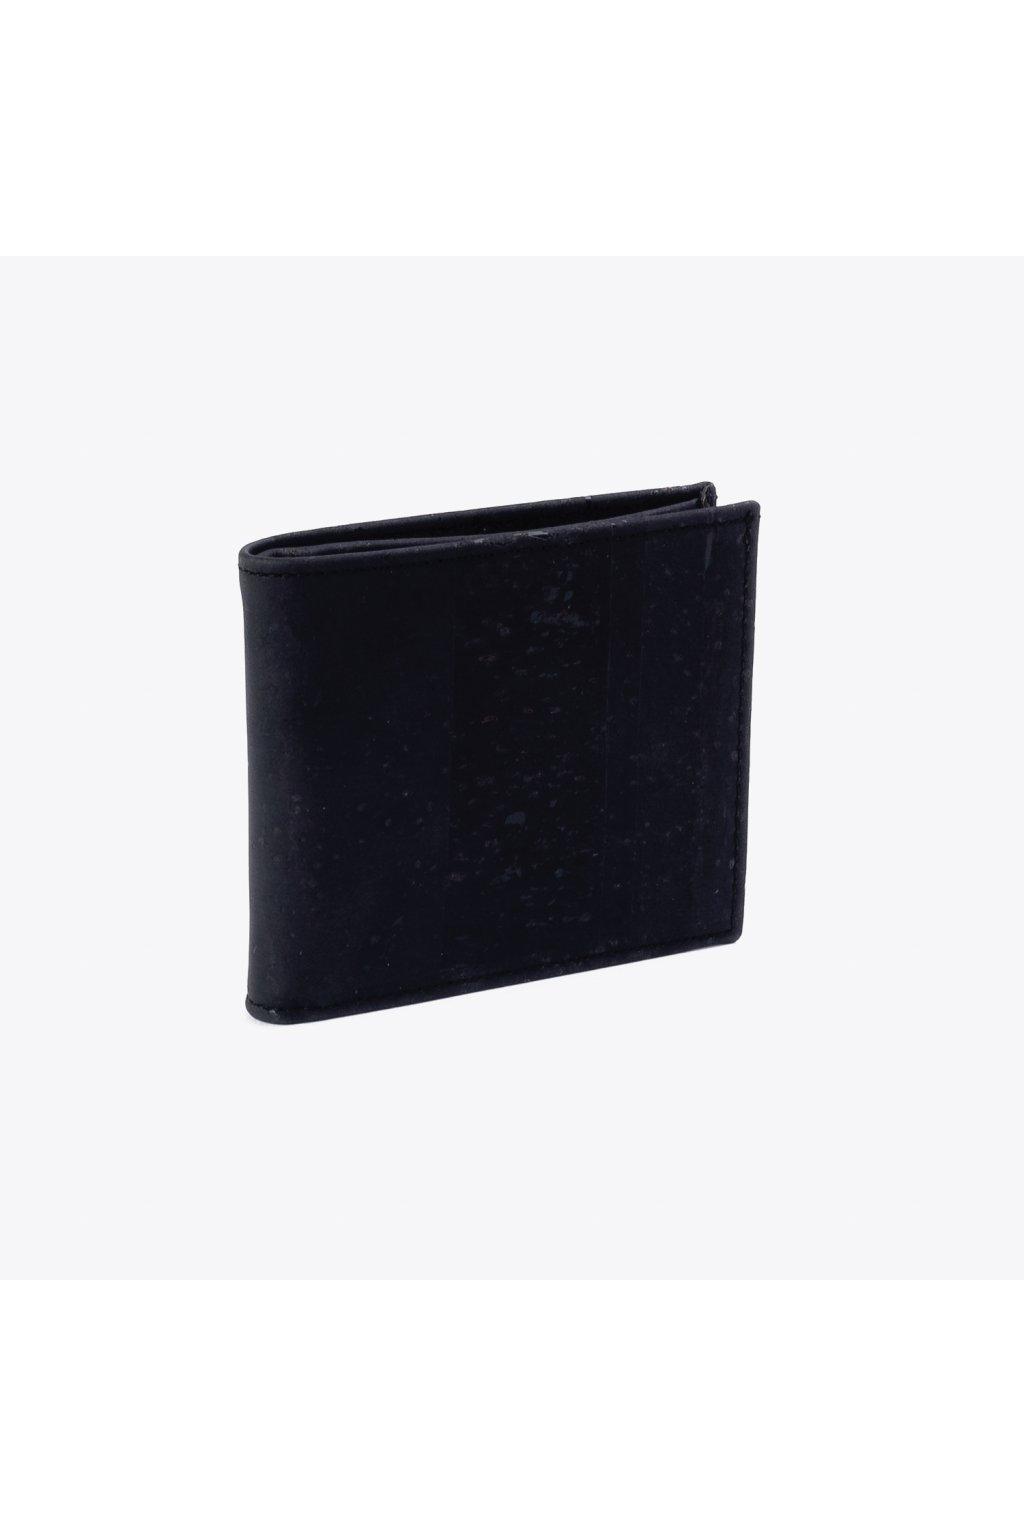 Pánska korková peňaženka (menšia) - čierna